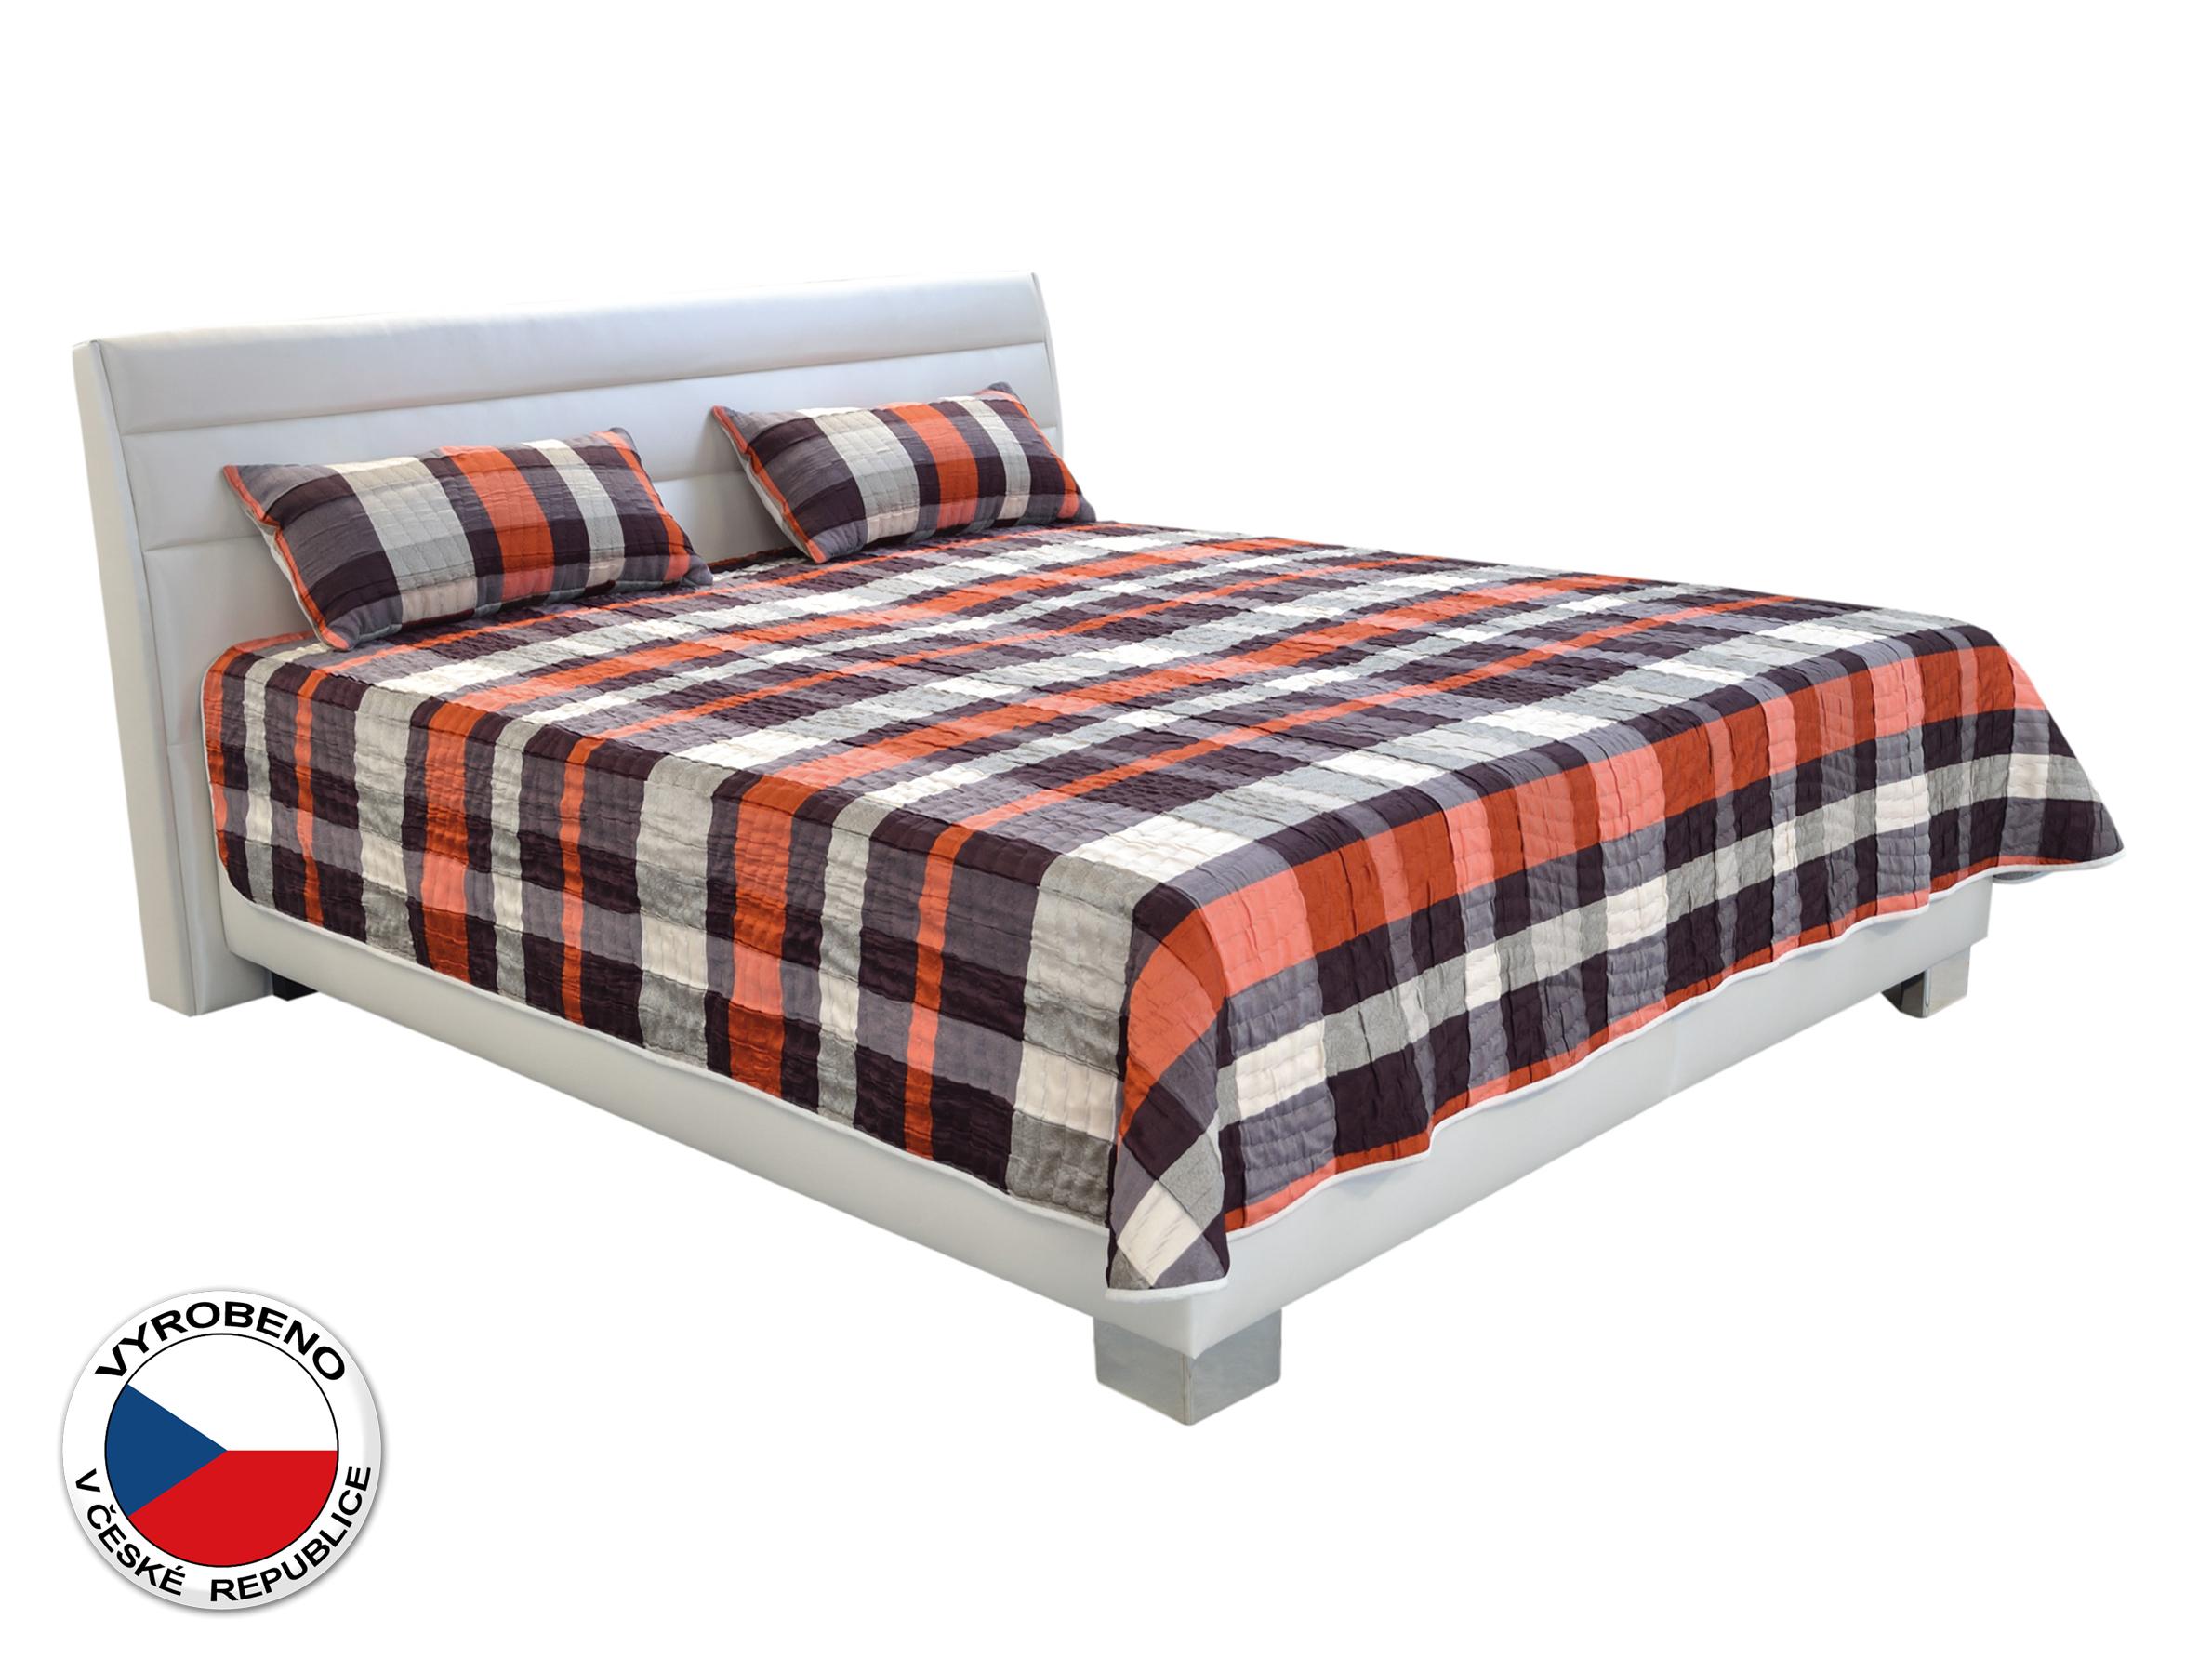 Manželská postel 180 cm - Blanář - Vernon (oranžová + bílá) (s rošty a matracemi Nelly)